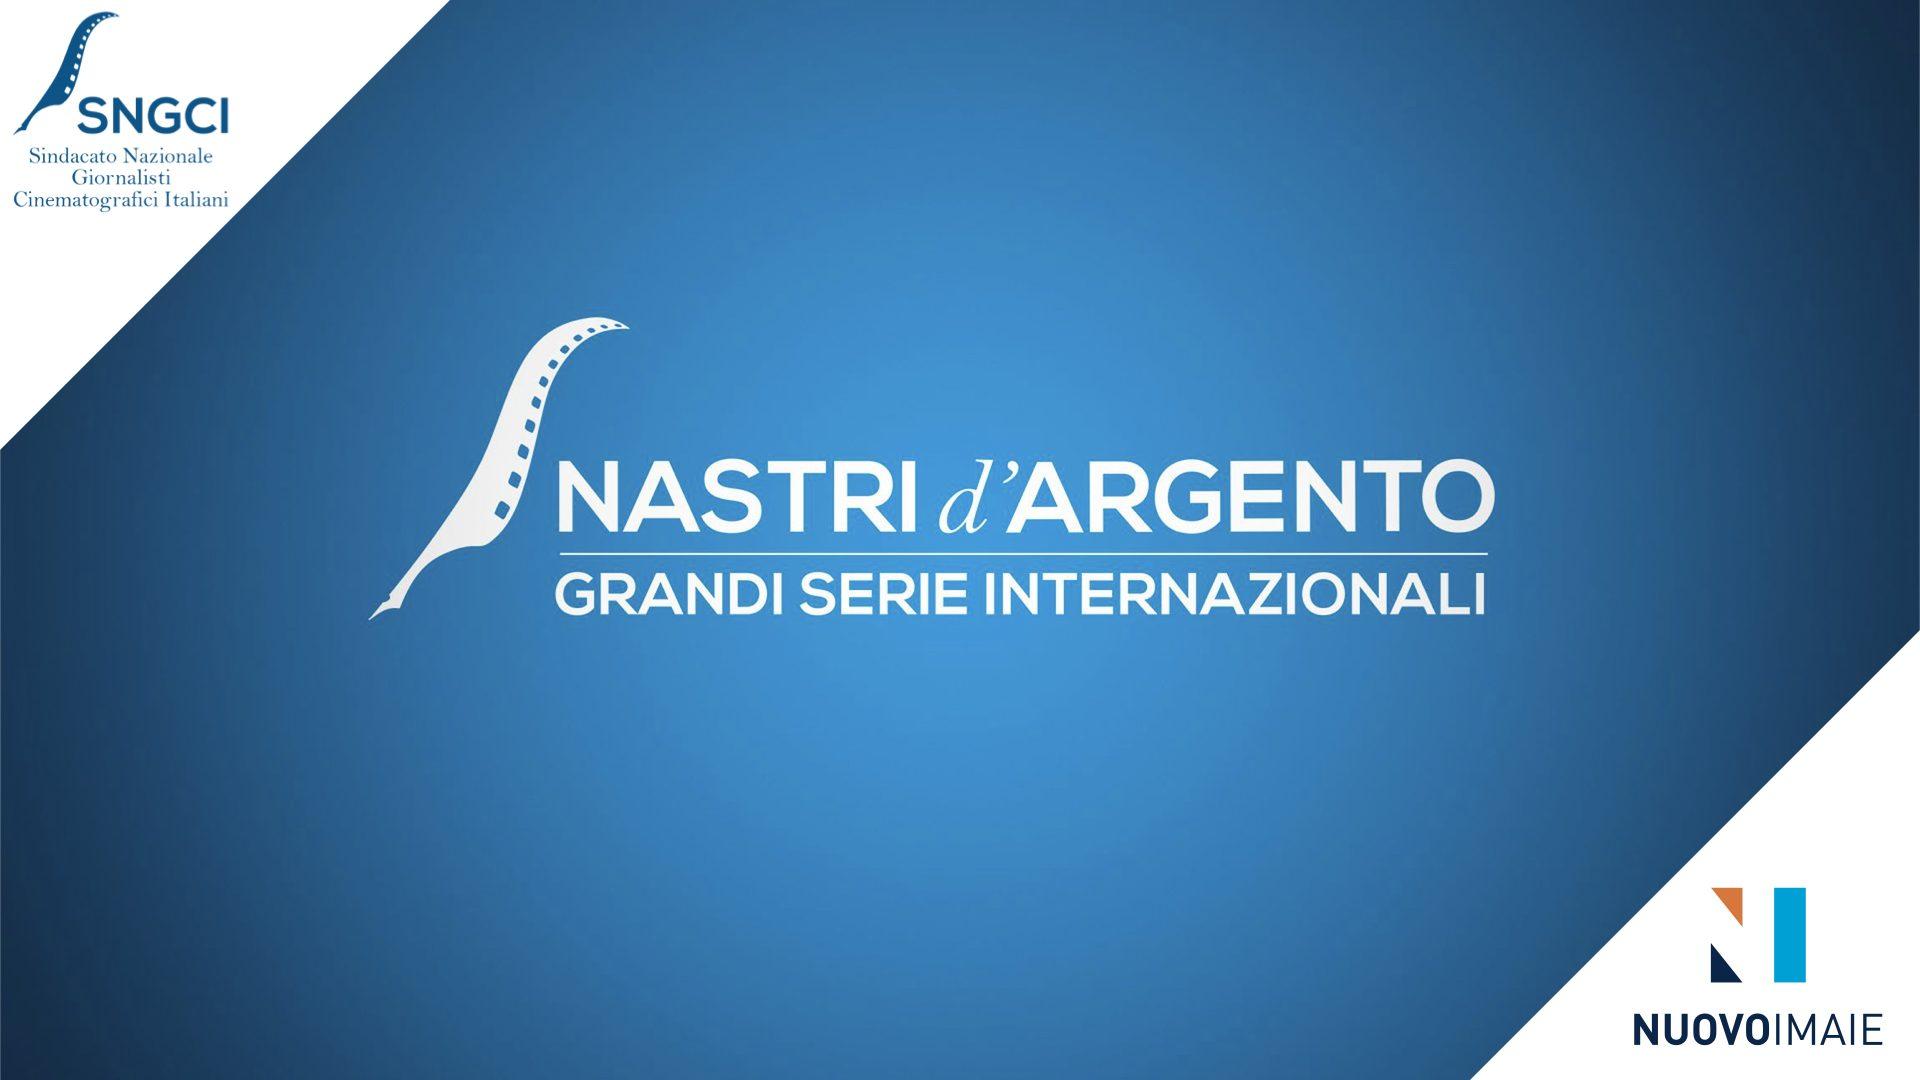 NUOVO IMAIE Partner ai Nastri d'Argento Grandi Serie Internazionali 2021